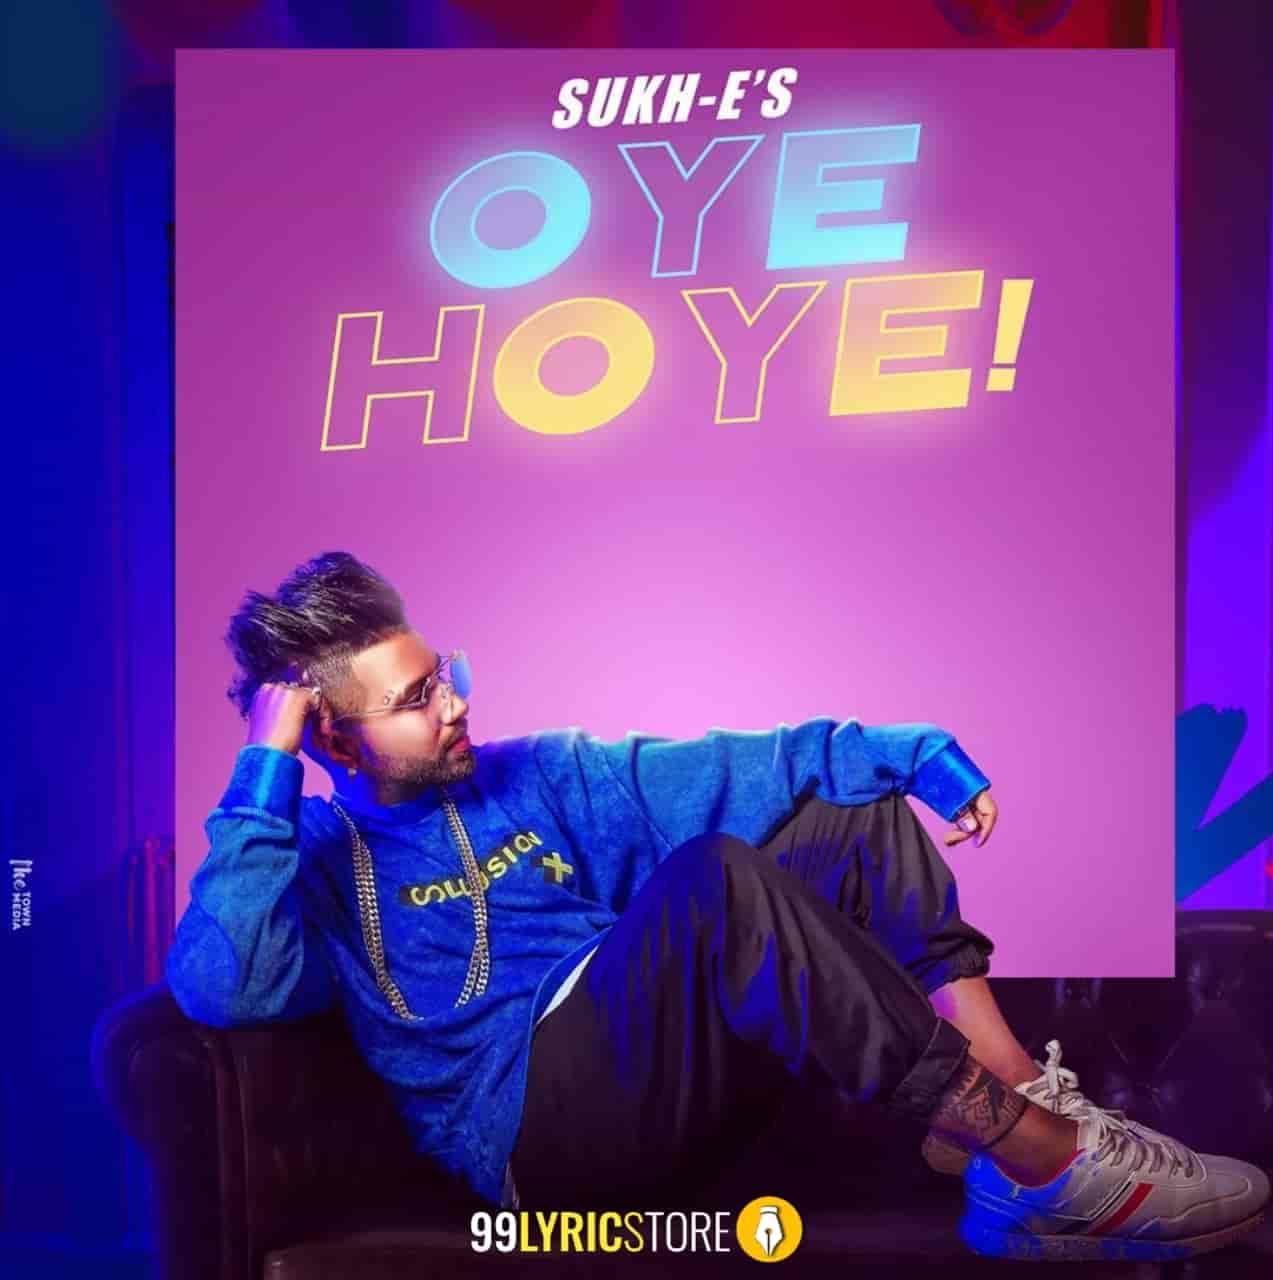 Oye Hoye Punjabi Song Image By Sukhe